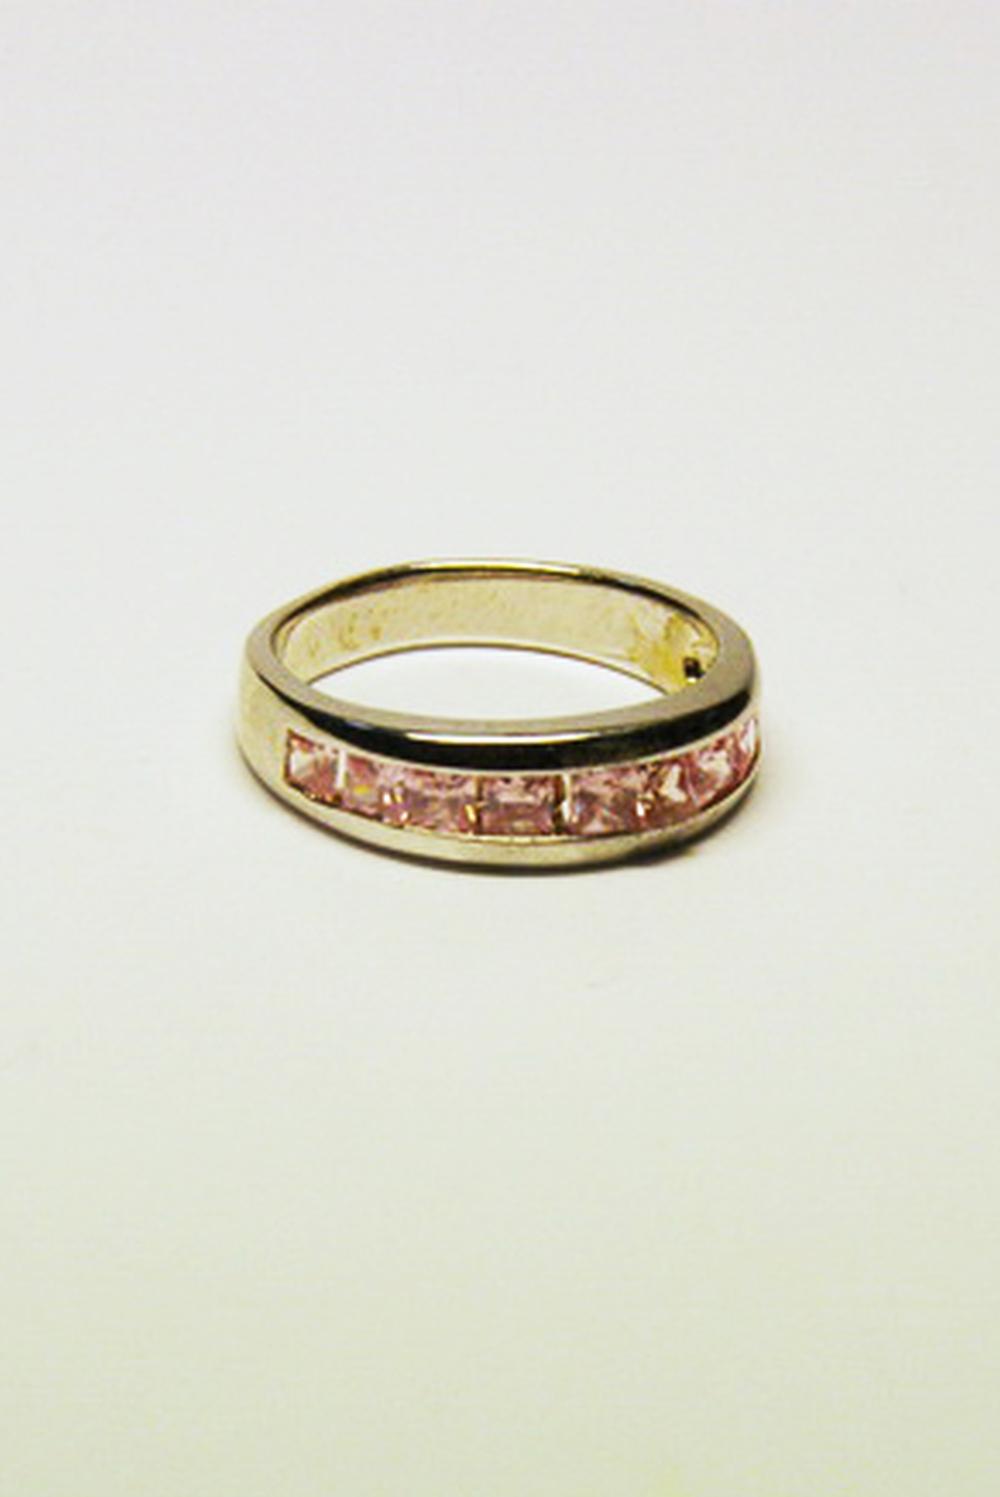 КольцоКольца<br>Искусно подобранный аксессуар – это незаменимый элемент образа стильной, уверенной в себе женщины Чудесное кольцо прекрасно подойдет к любому наряду, подчеркнув Вашу женственность, или преобразит обычную однотонную кофту, добавив Вашему внешнему виду изюминку.<br><br>По материалу: Гипоаллергенный сплав<br>По стилю: Нарядный стиль<br>Размер : UNI<br>Материал: Гипоаллергенный сплав<br>Количество в наличии: 1